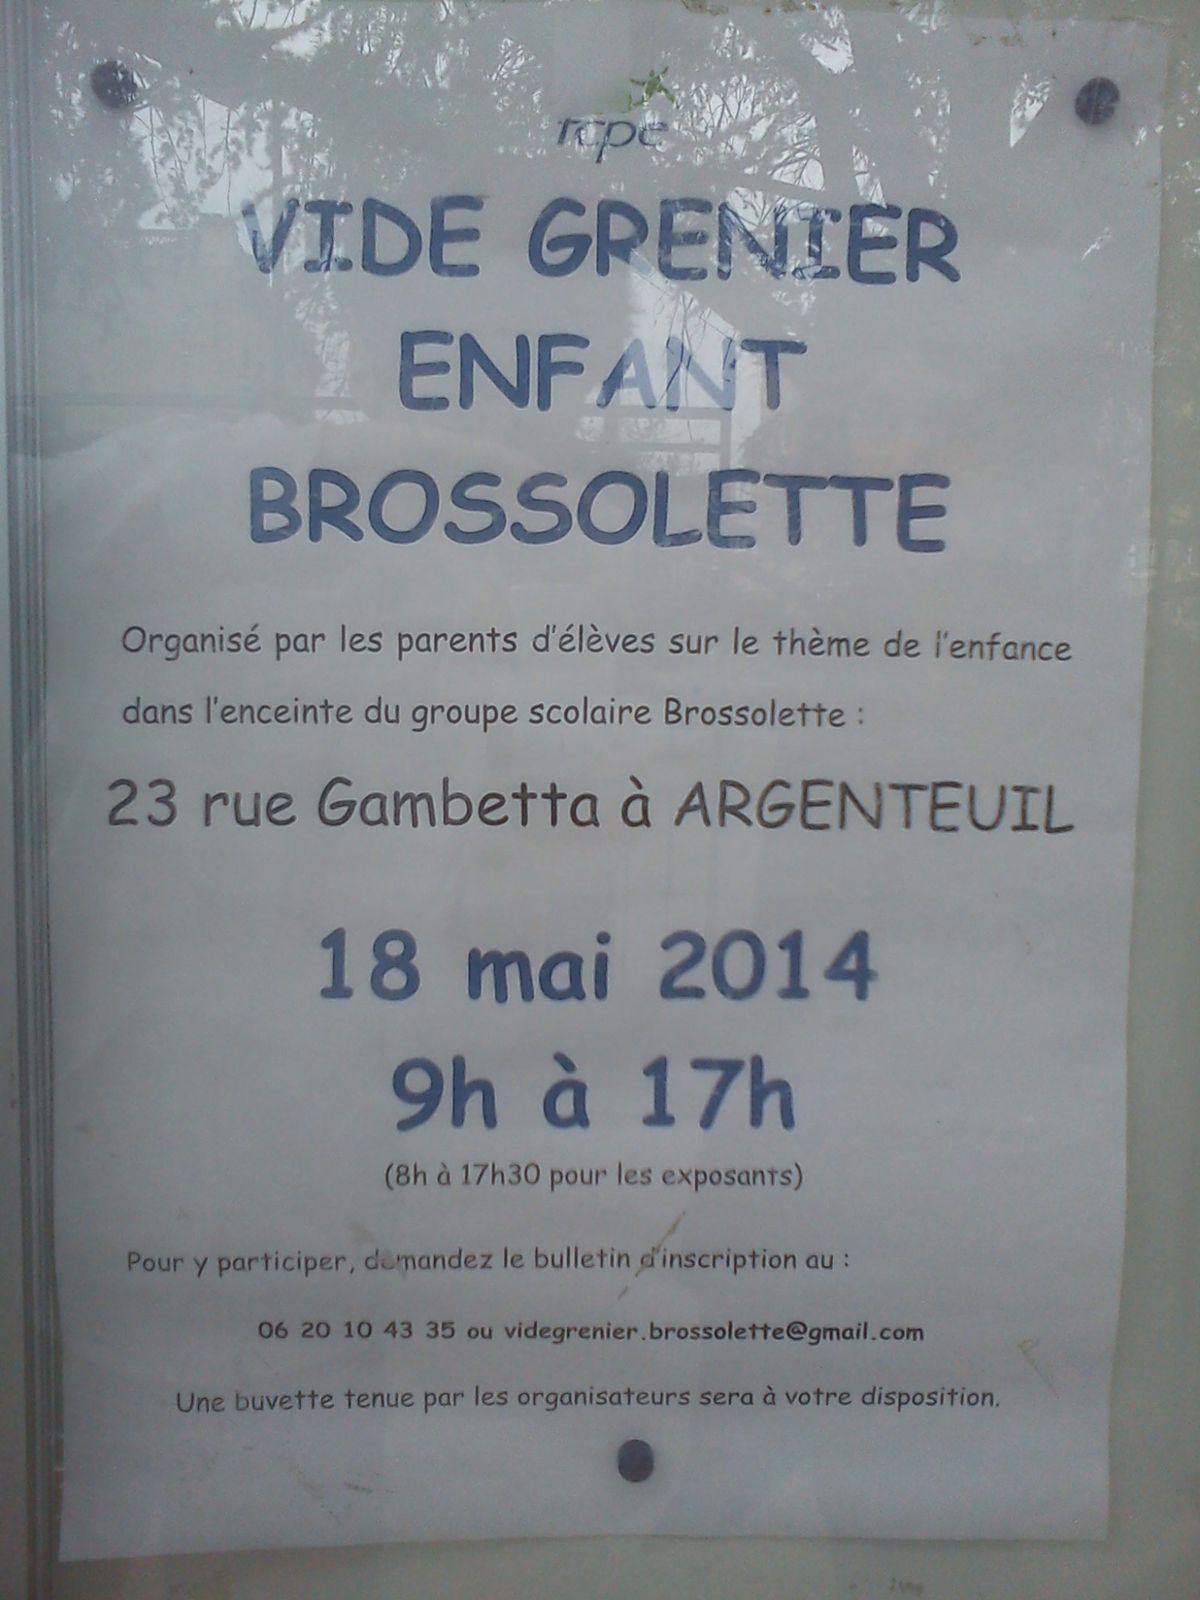 videgrenier Brossolette 2014